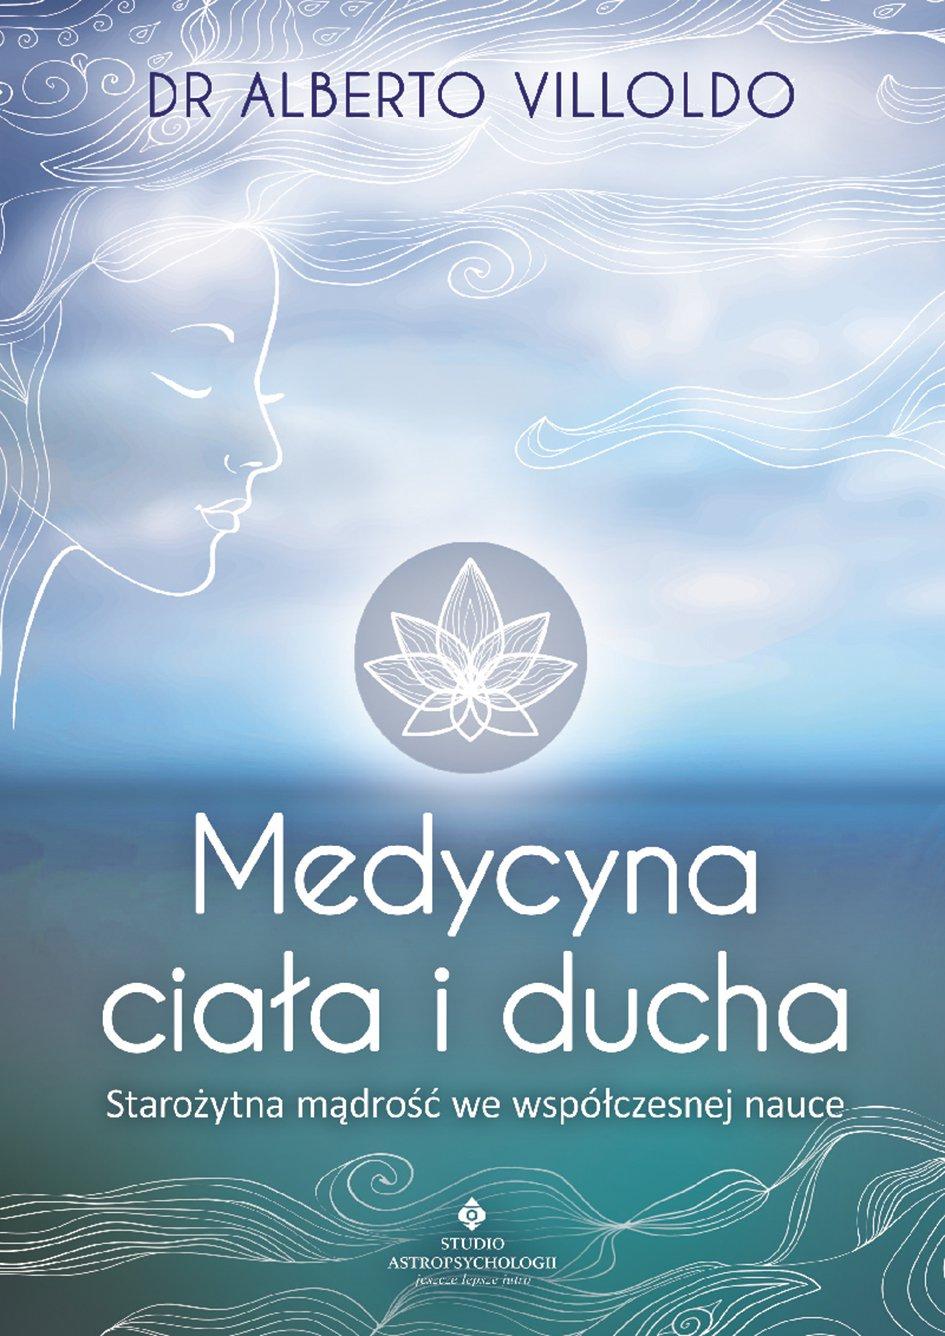 Medycyna ciała i ducha. Starożytna mądrość we współczesnej nauce - Ebook (Książka PDF) do pobrania w formacie PDF